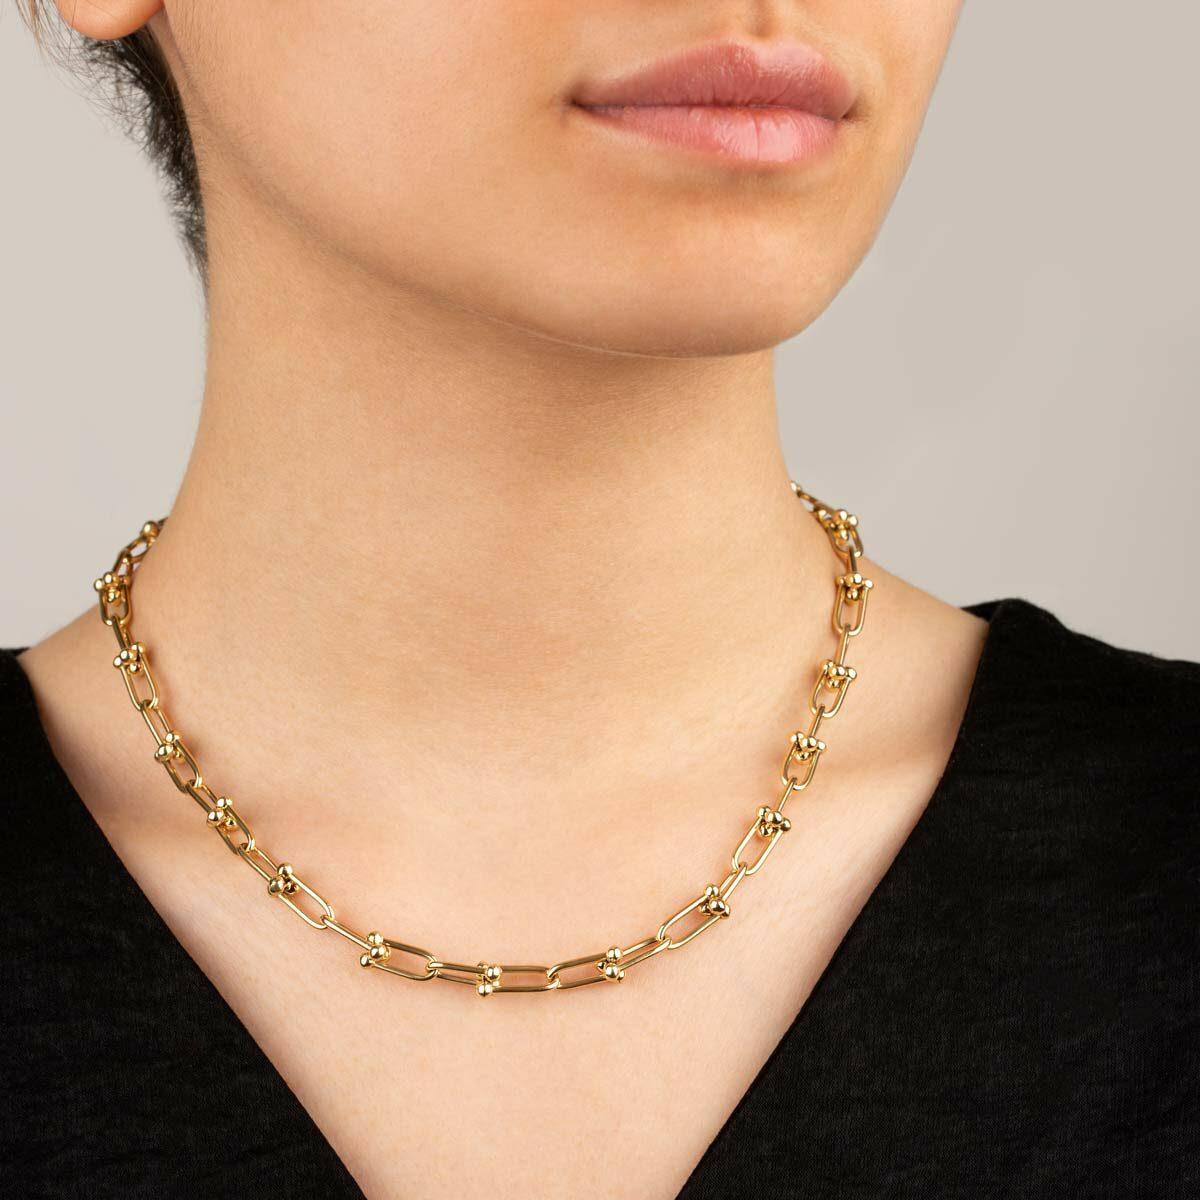 زنجیر گردنبند طلا تیفانی